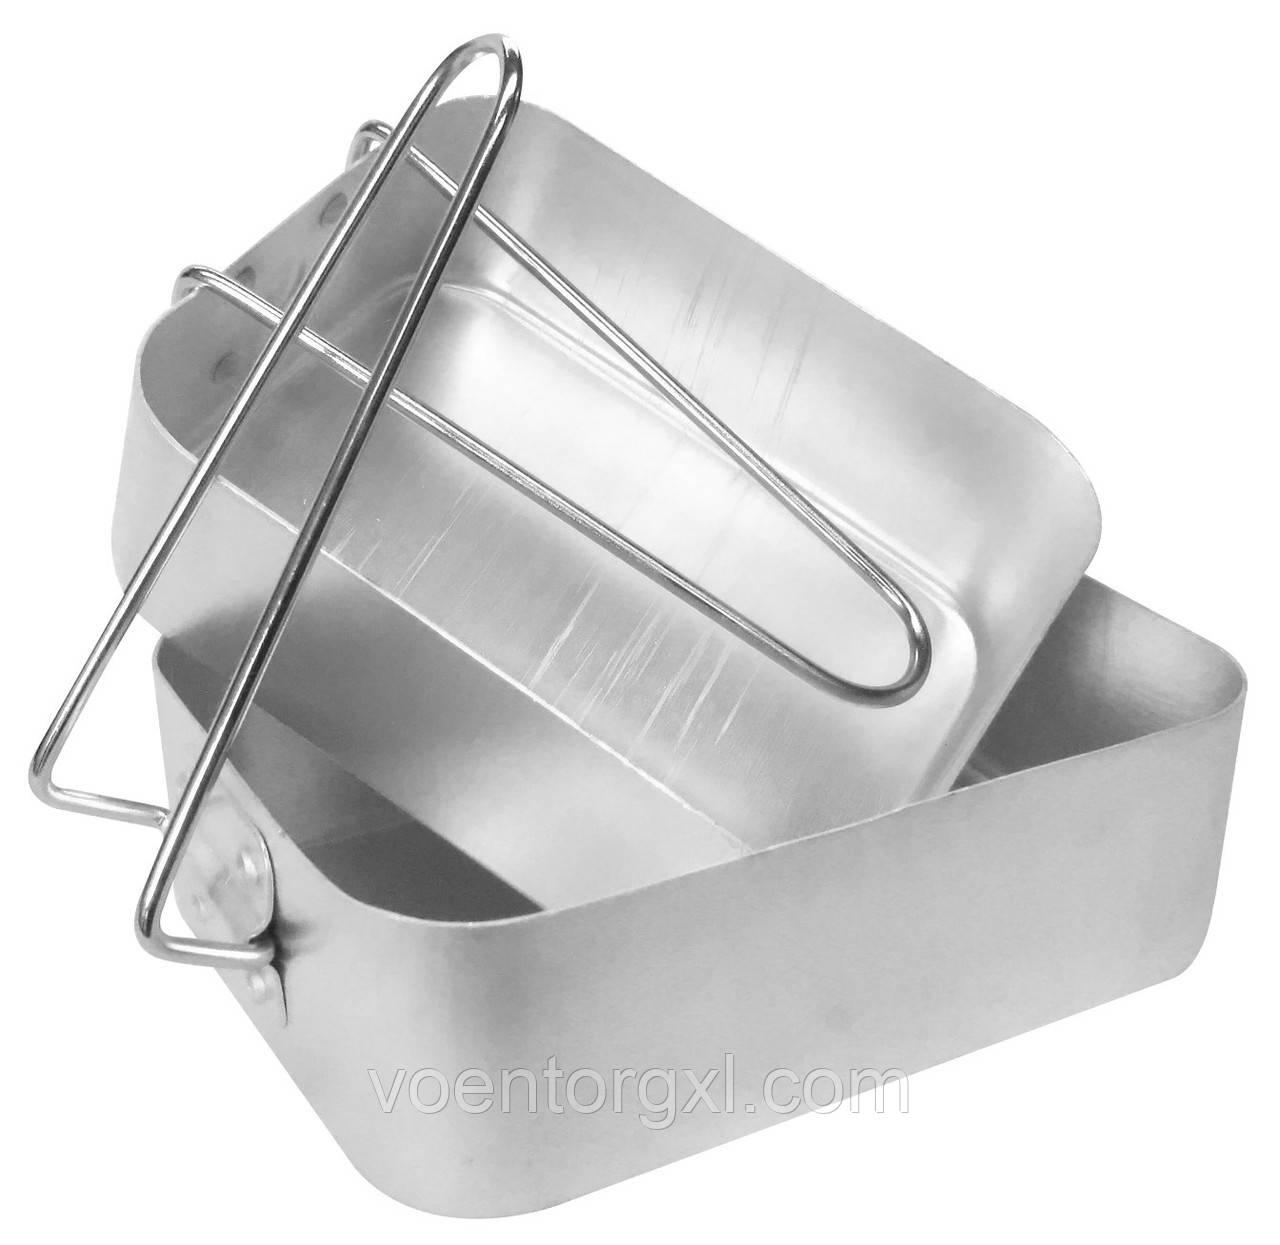 Польовий набір посуду NATO Mess Kit. Оригінал.